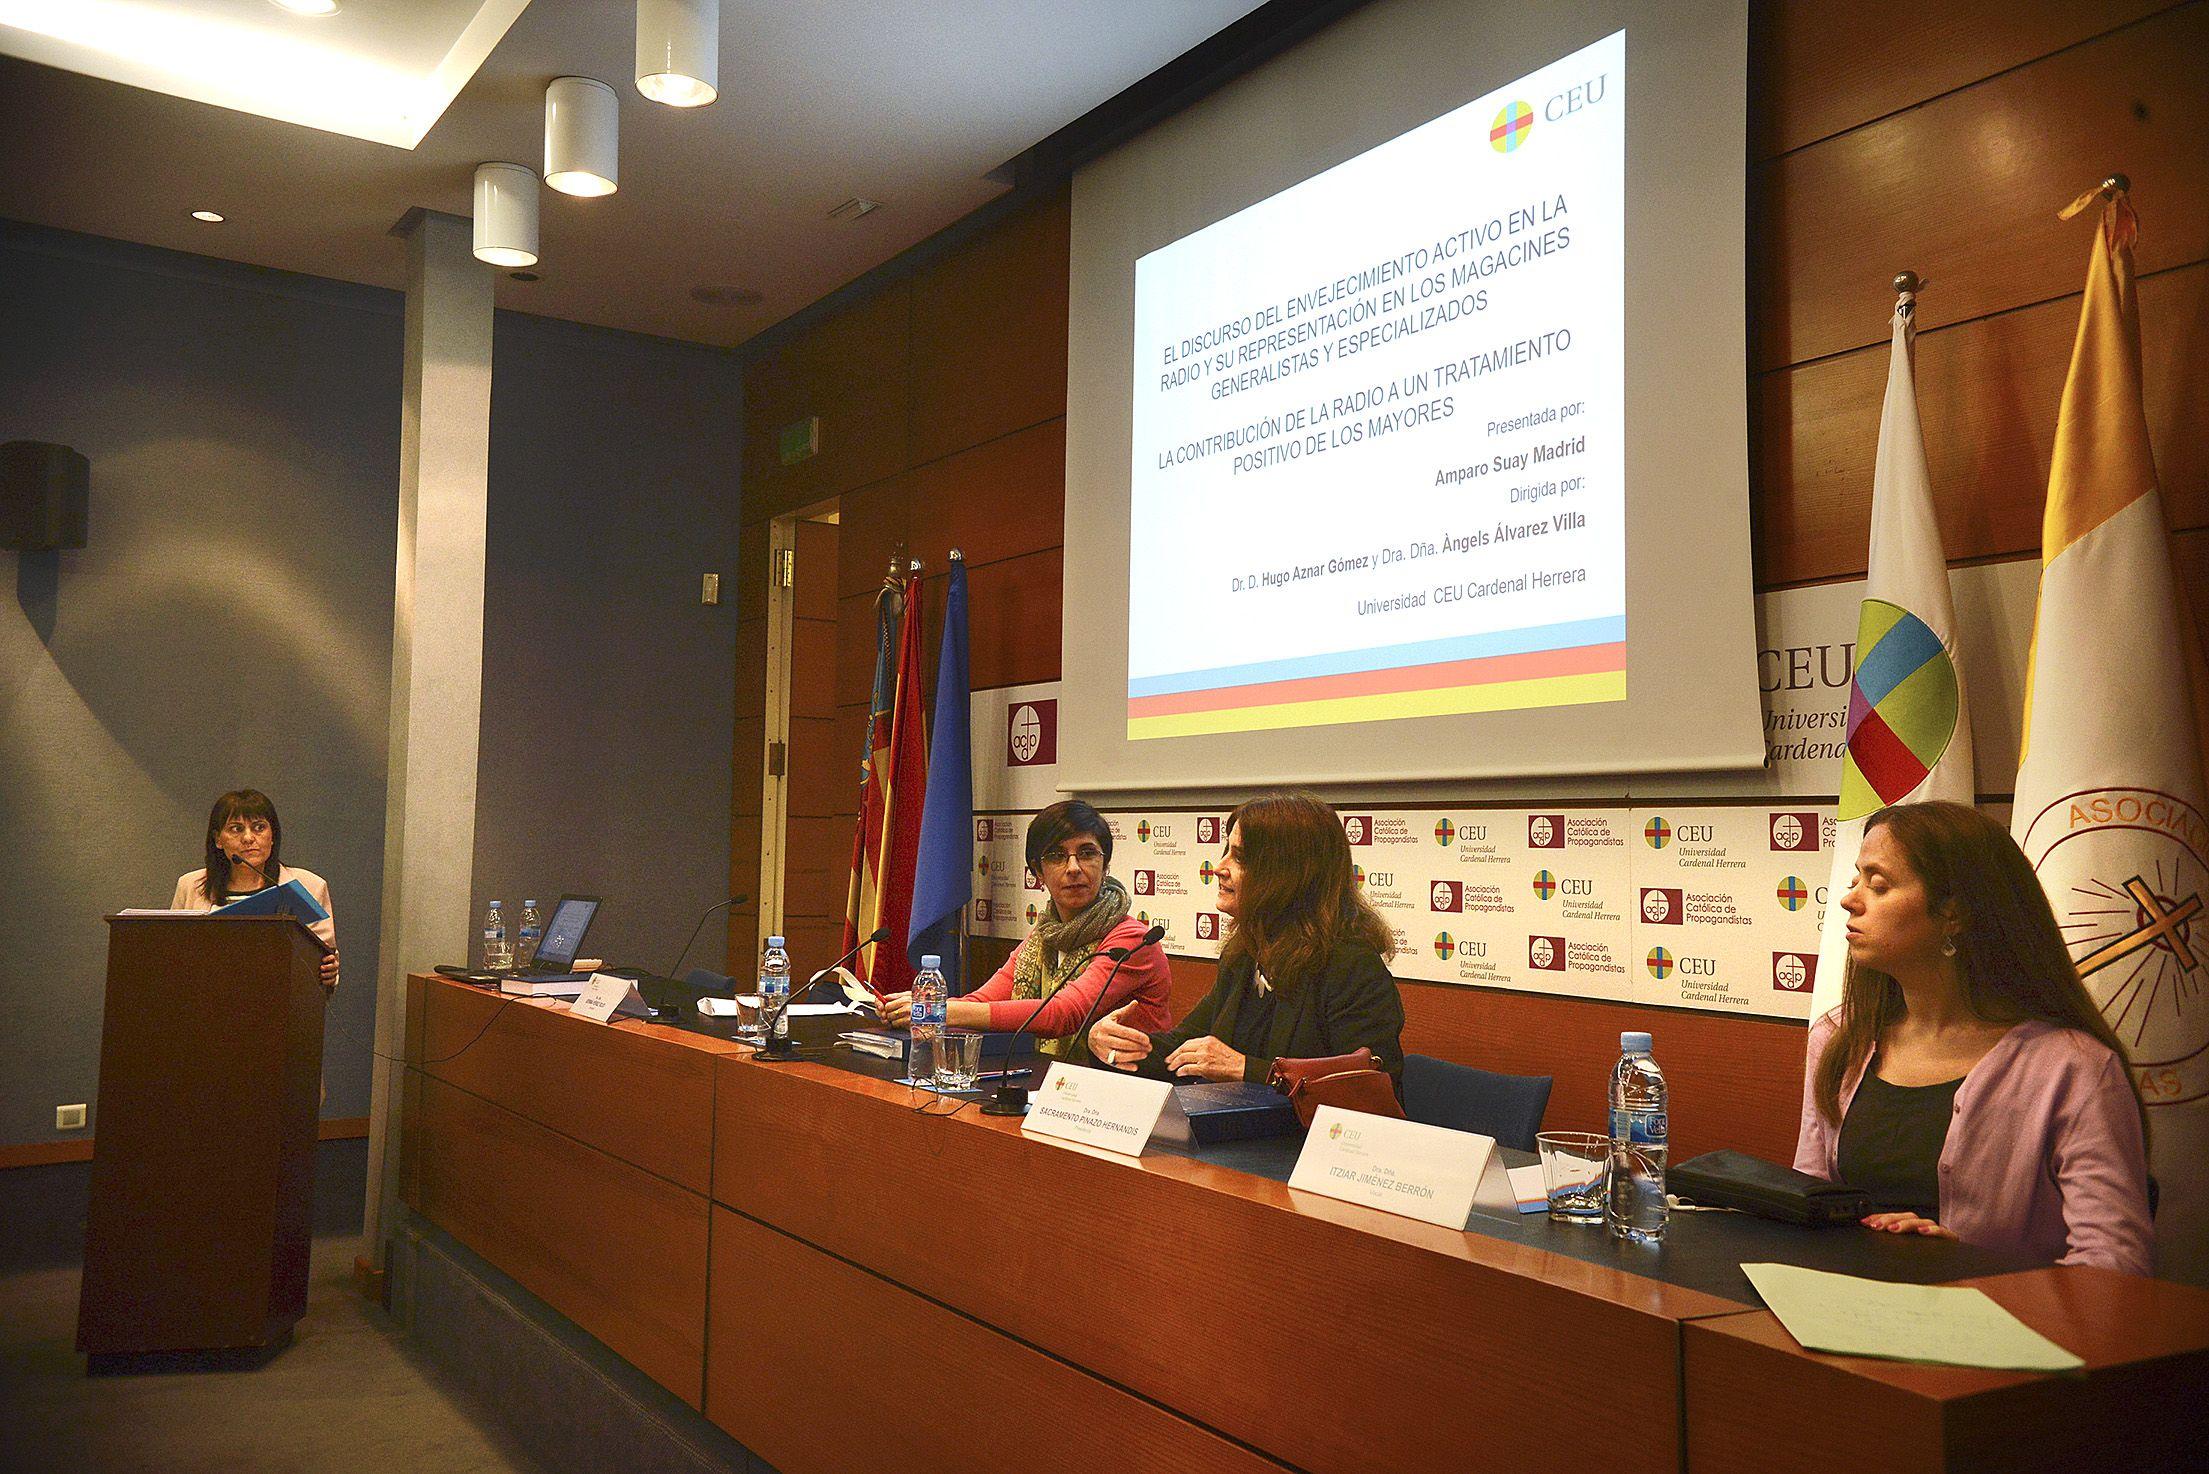 Defensa de la tesis doctoral de Amparo Suay, en el Palacio de Colomina-CEU.